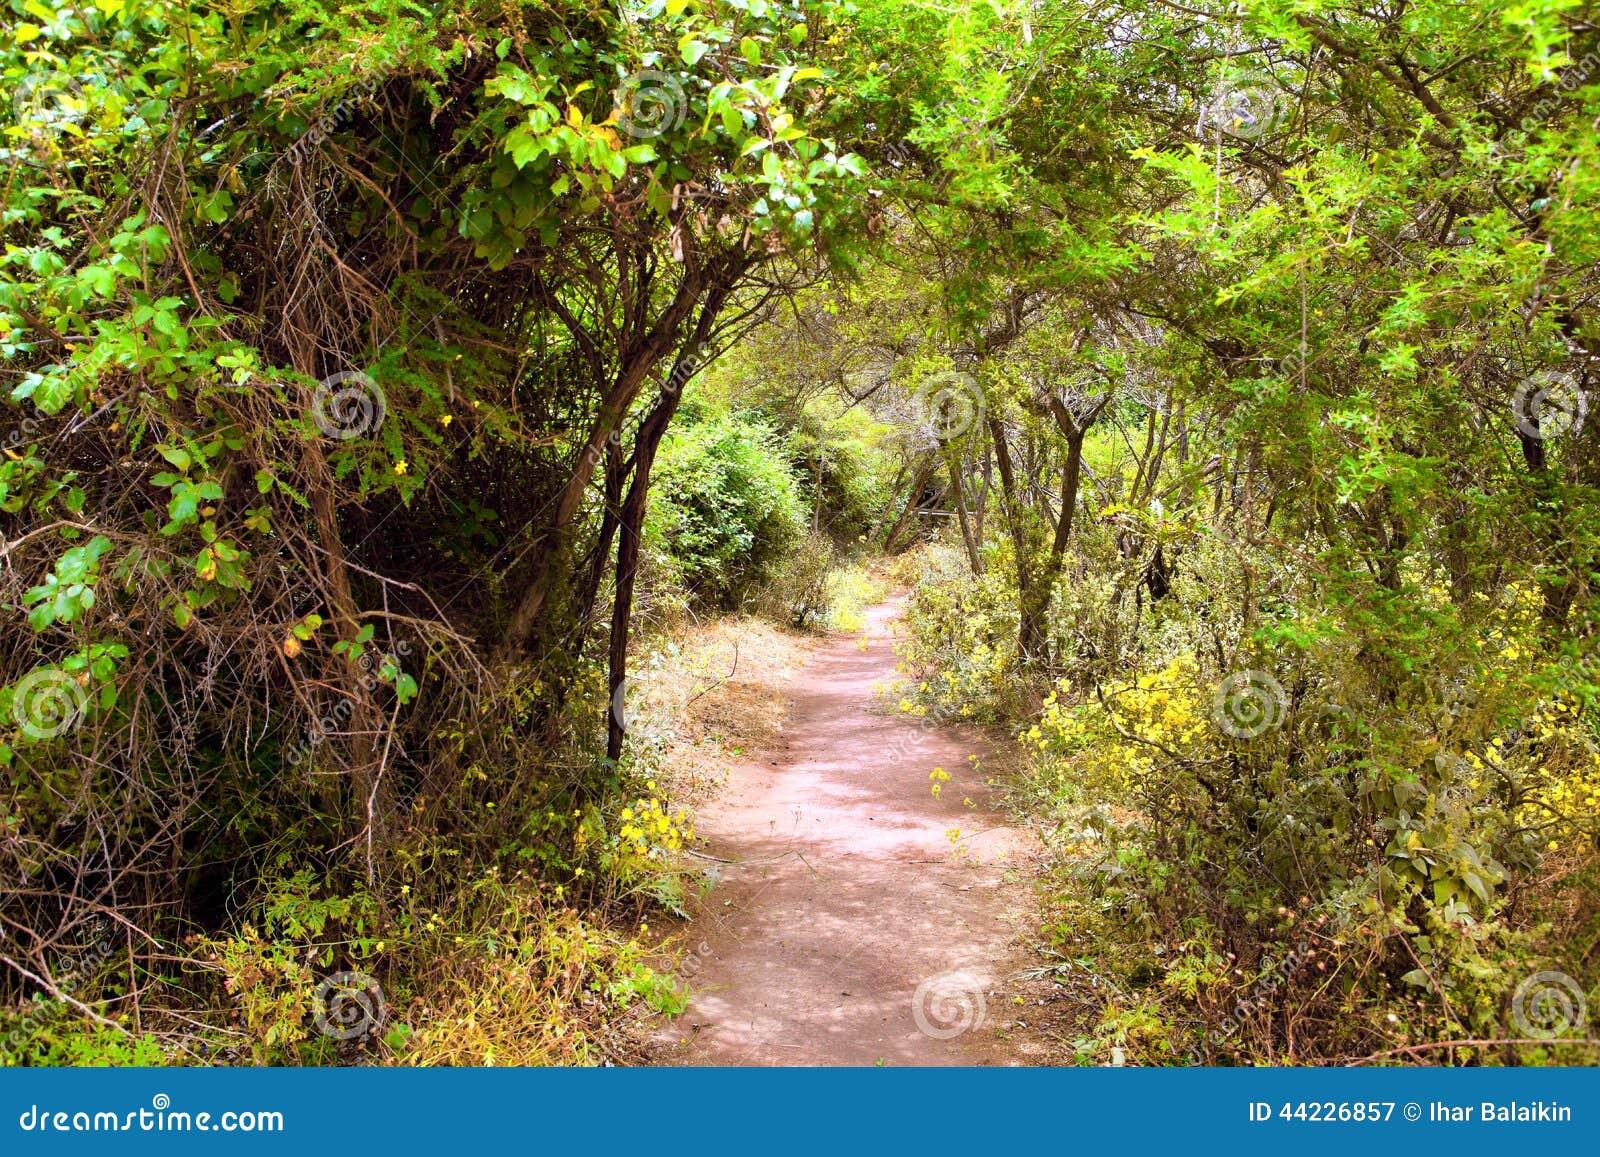 The amazing rain-forest in La Gomera